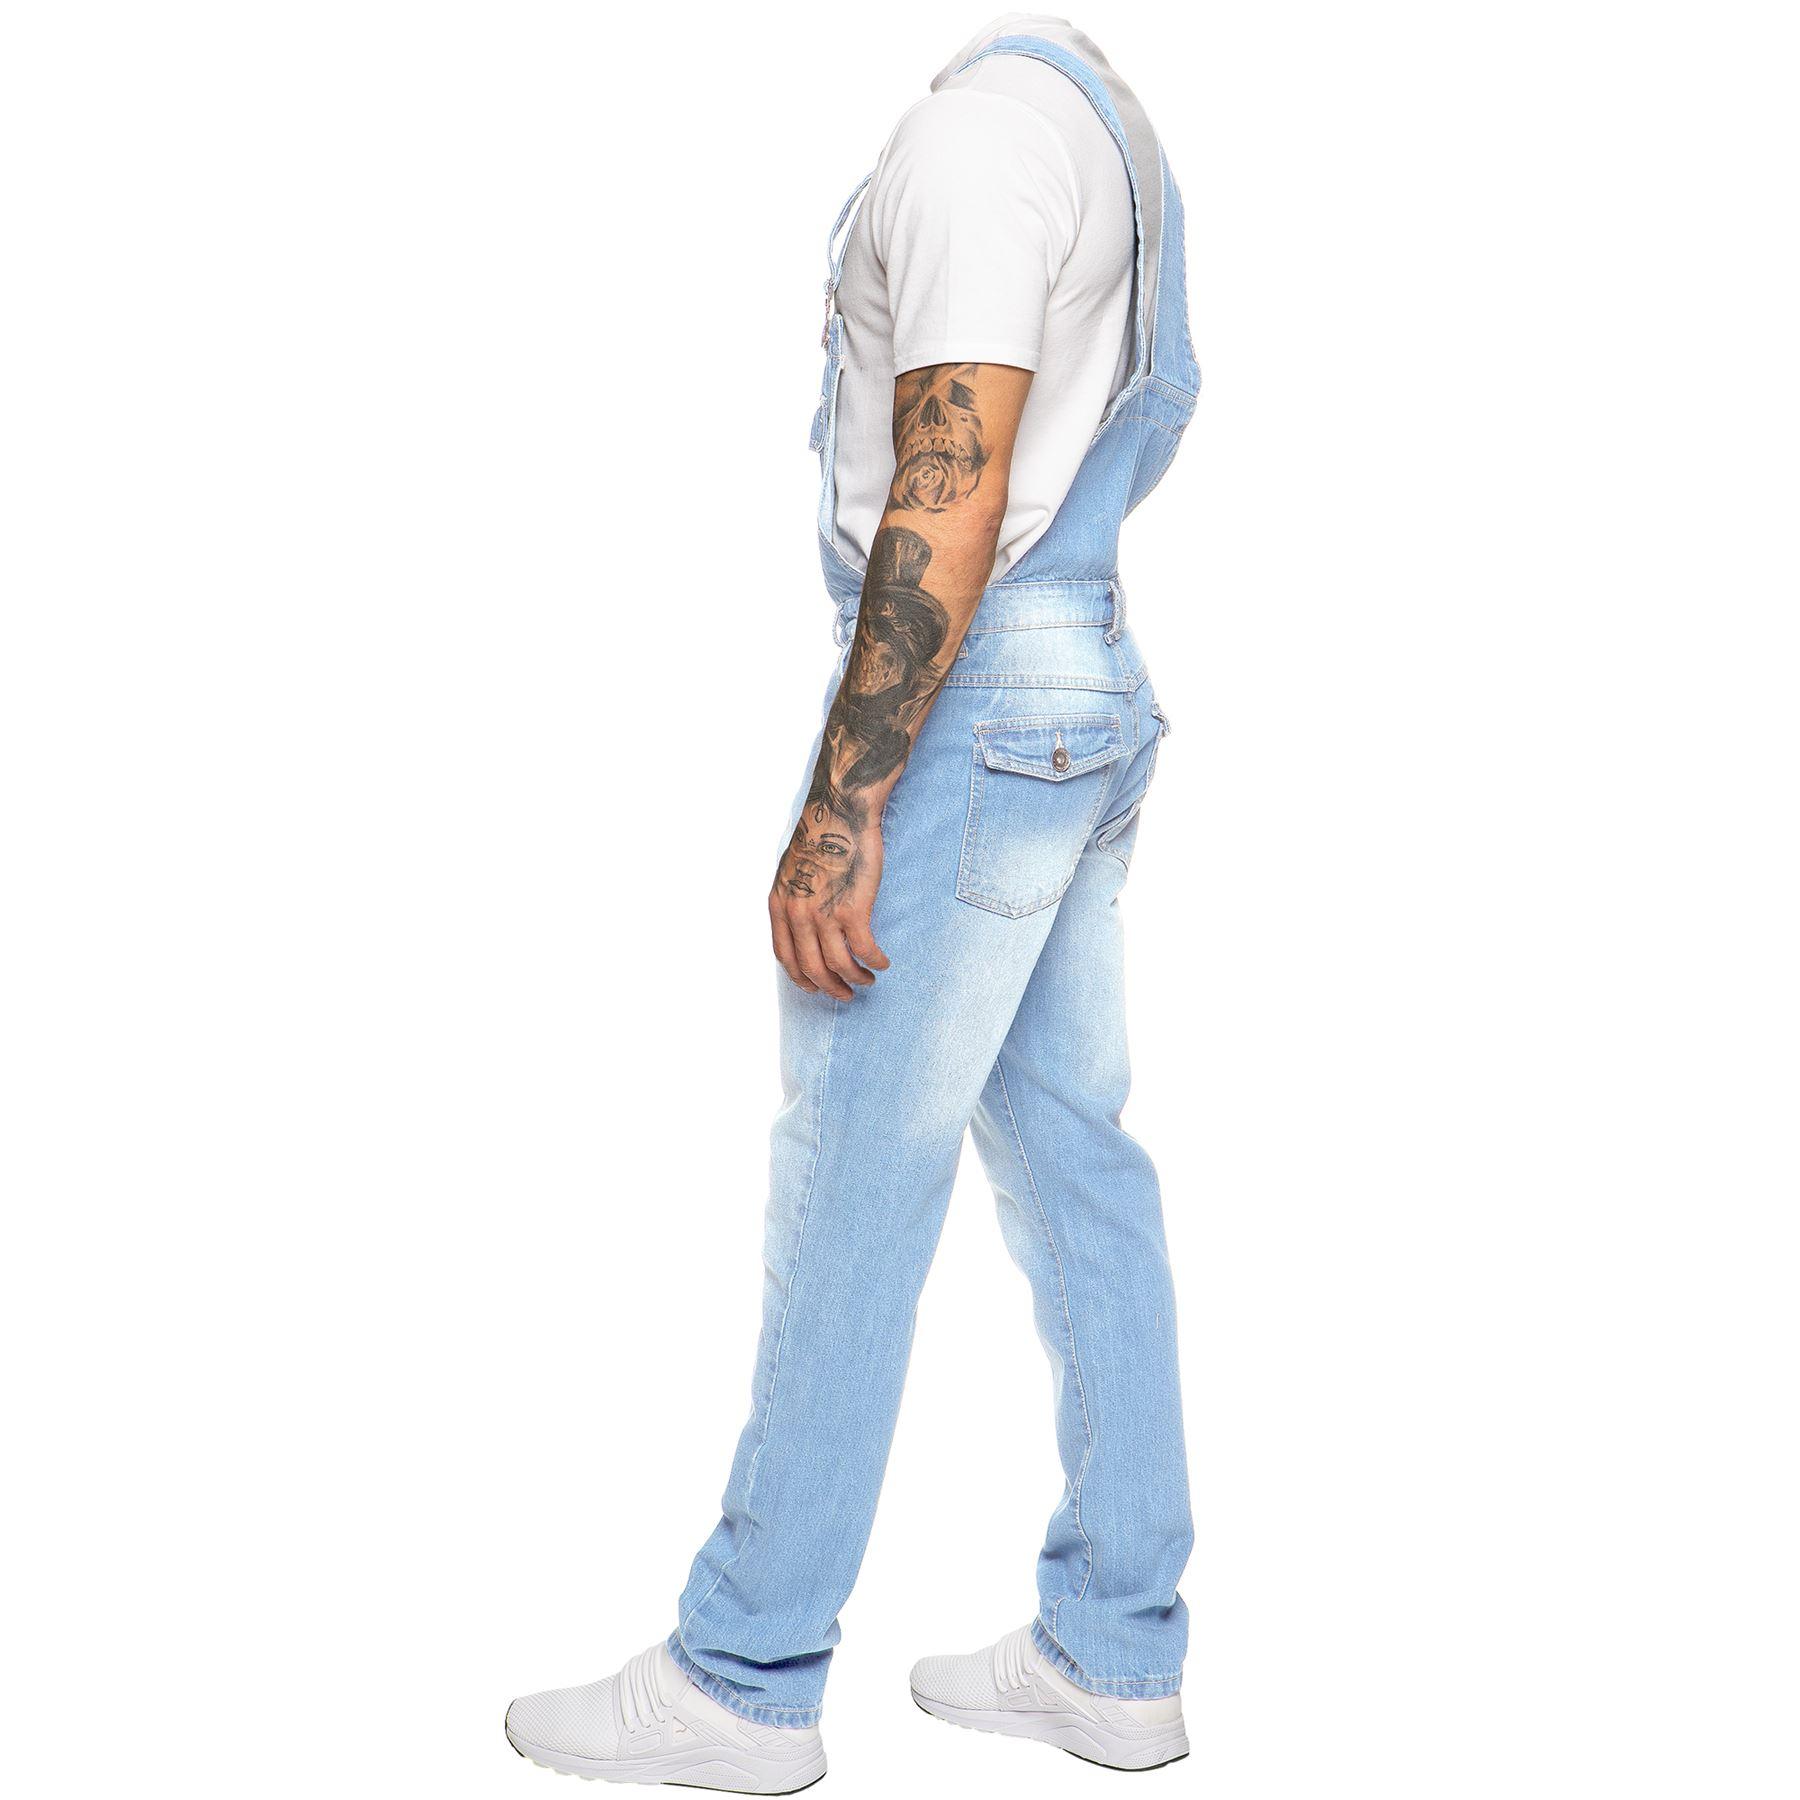 ENZO-Jeans-Hombre-Denim-Azul-Peto-Peto-overoles-Todas-Cinturas-Talla-30-034-50-034 miniatura 13